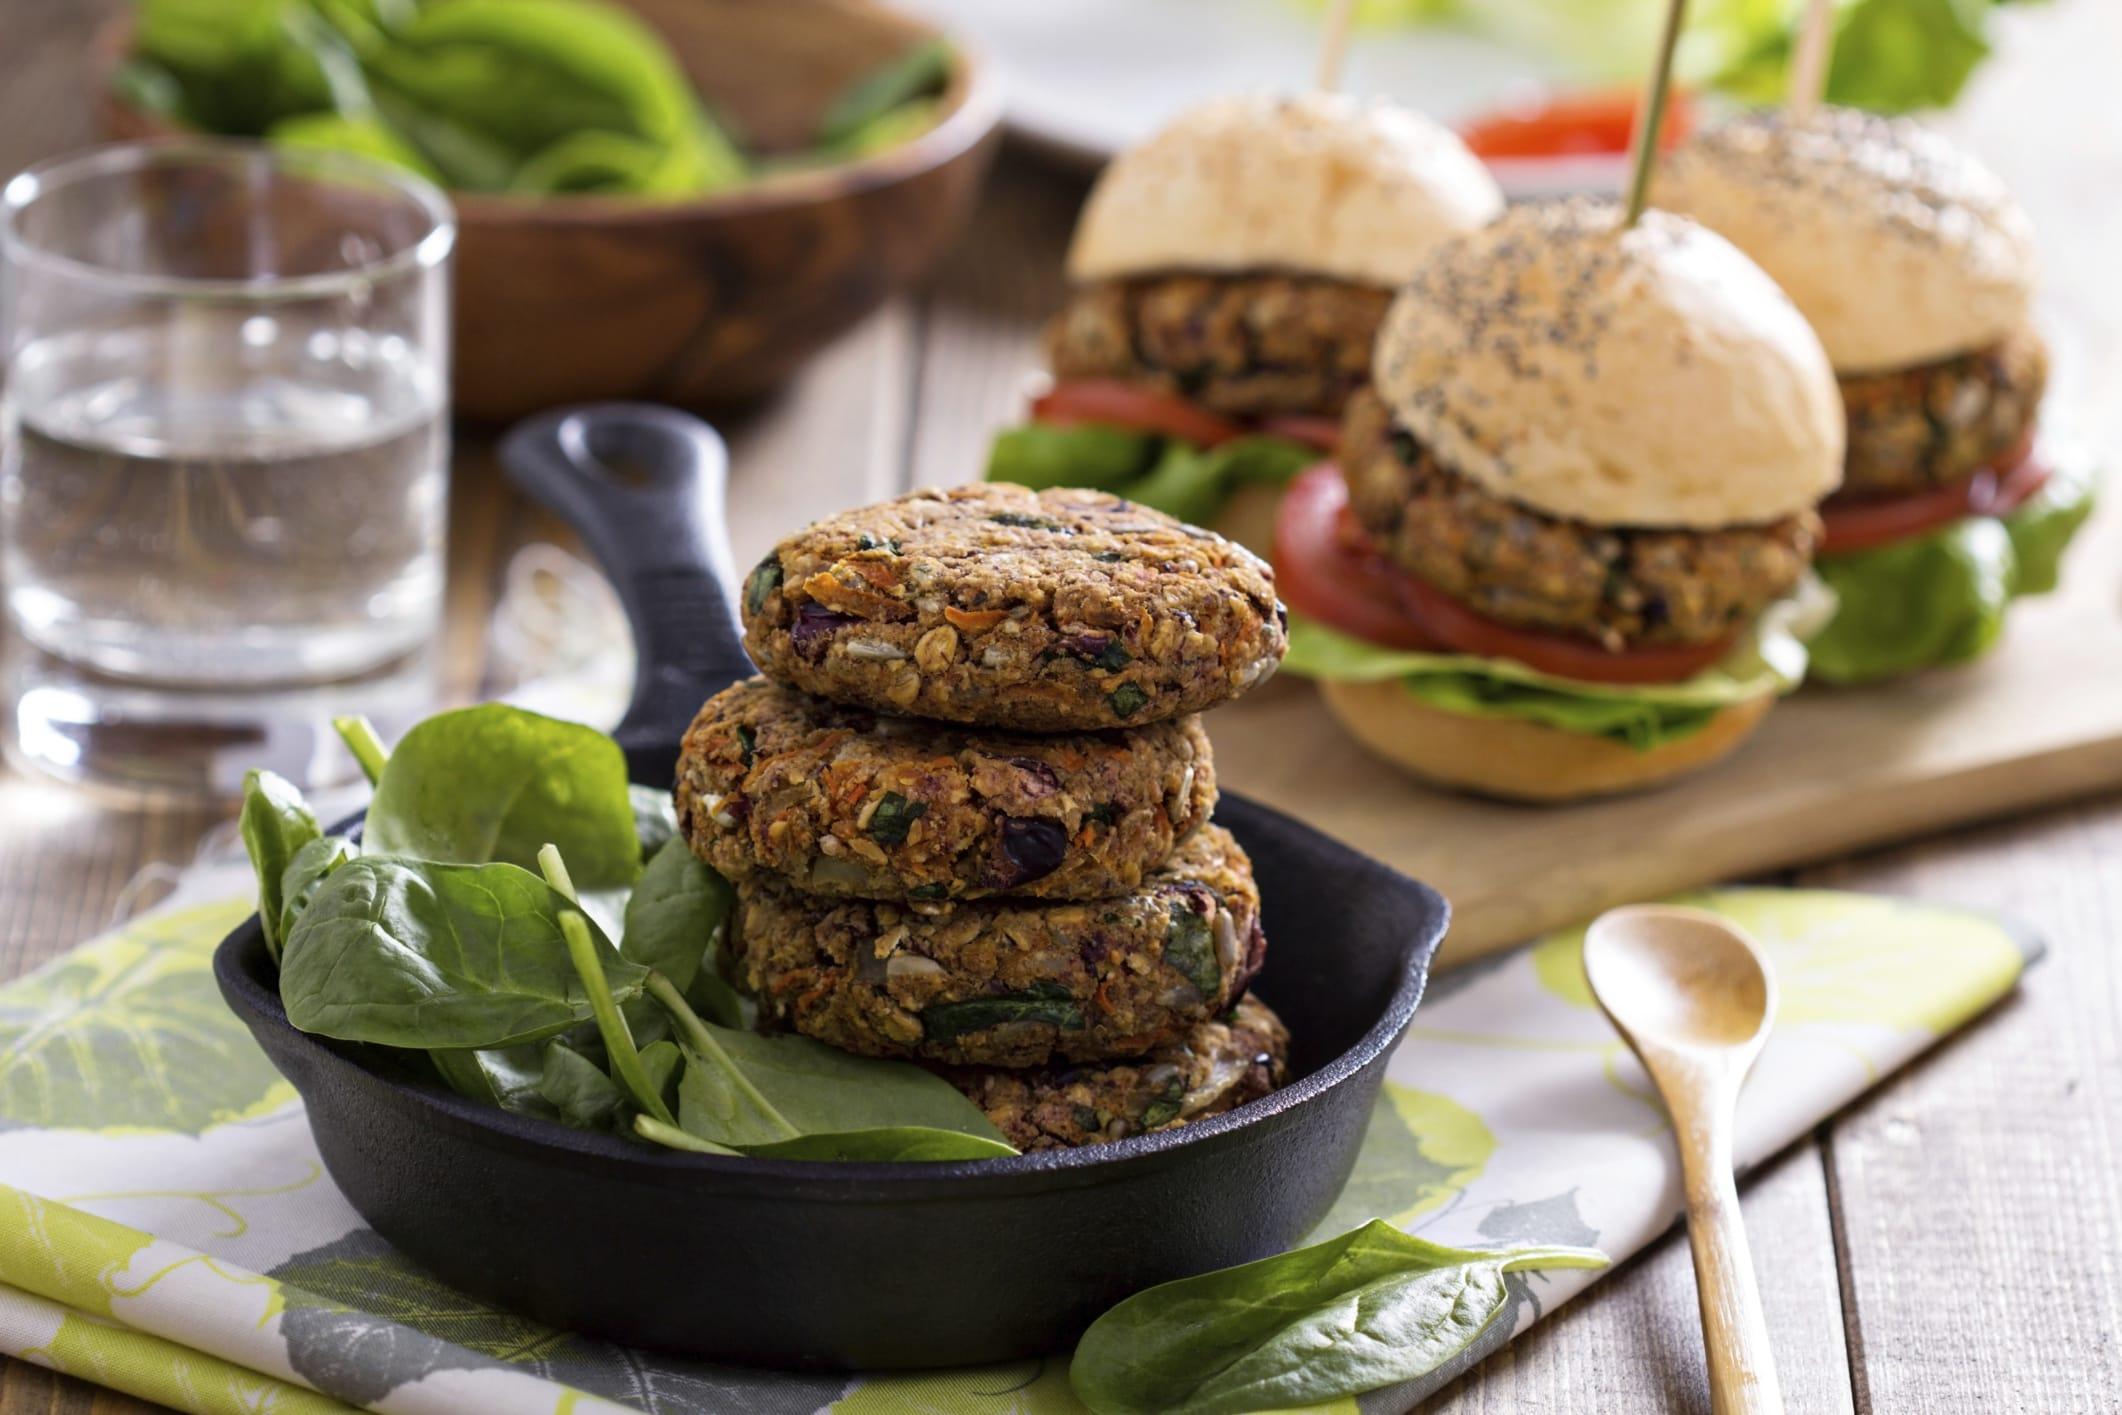 ricette burger vegetali | non sprecare - Come Cucinare Hamburger Di Carne